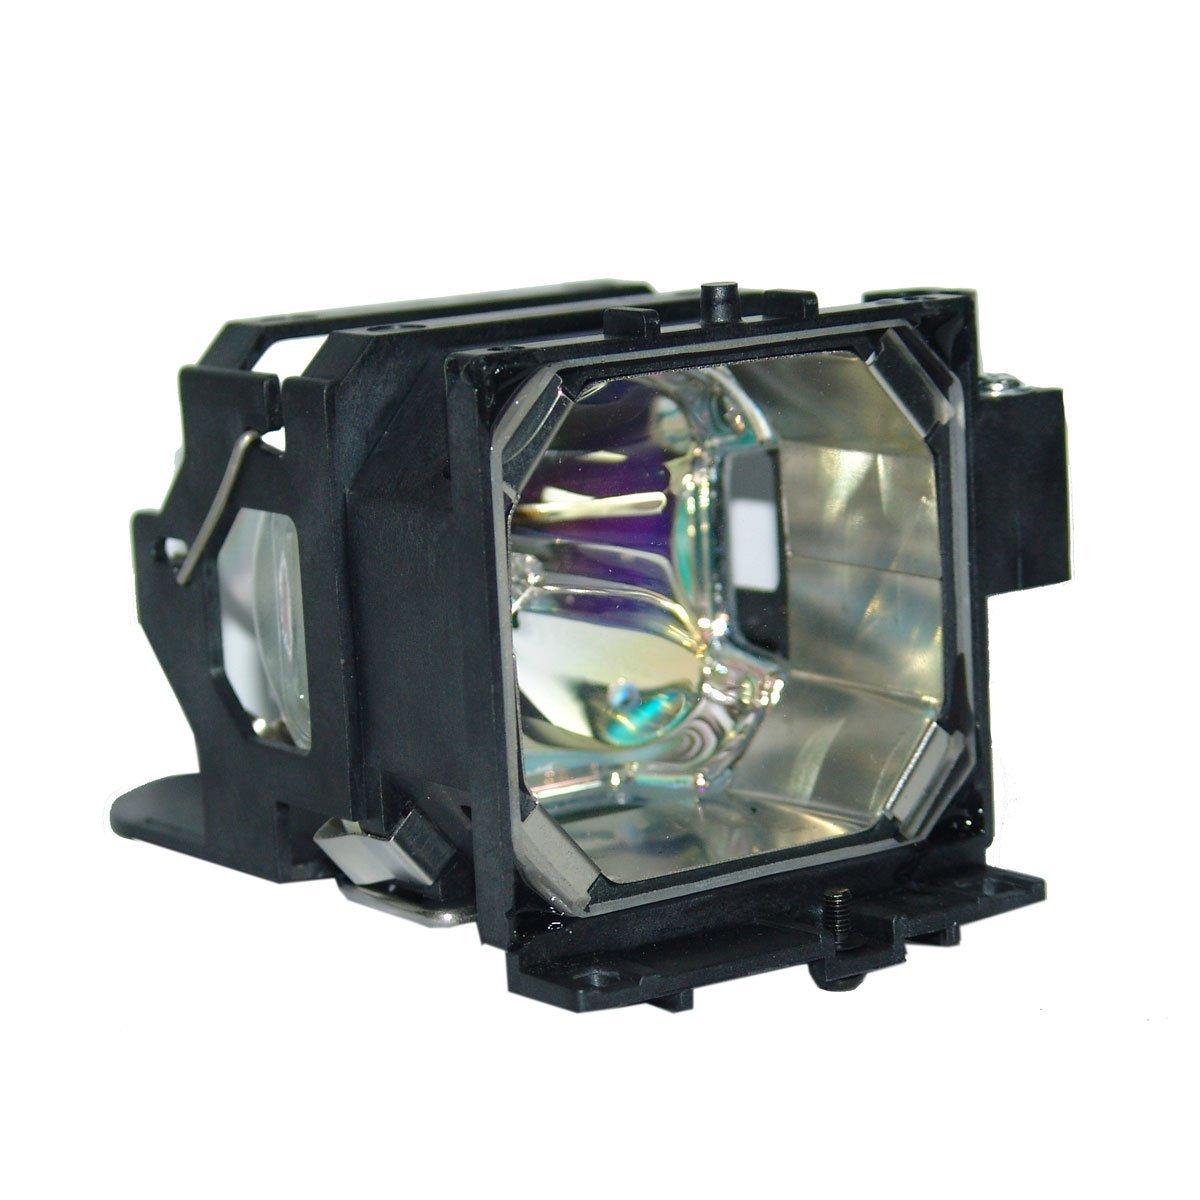 LMP H150 LMPH150 для Sony VPL HS2 HS2 VPL HS3 HS3 Лампа для проектора с корпусом